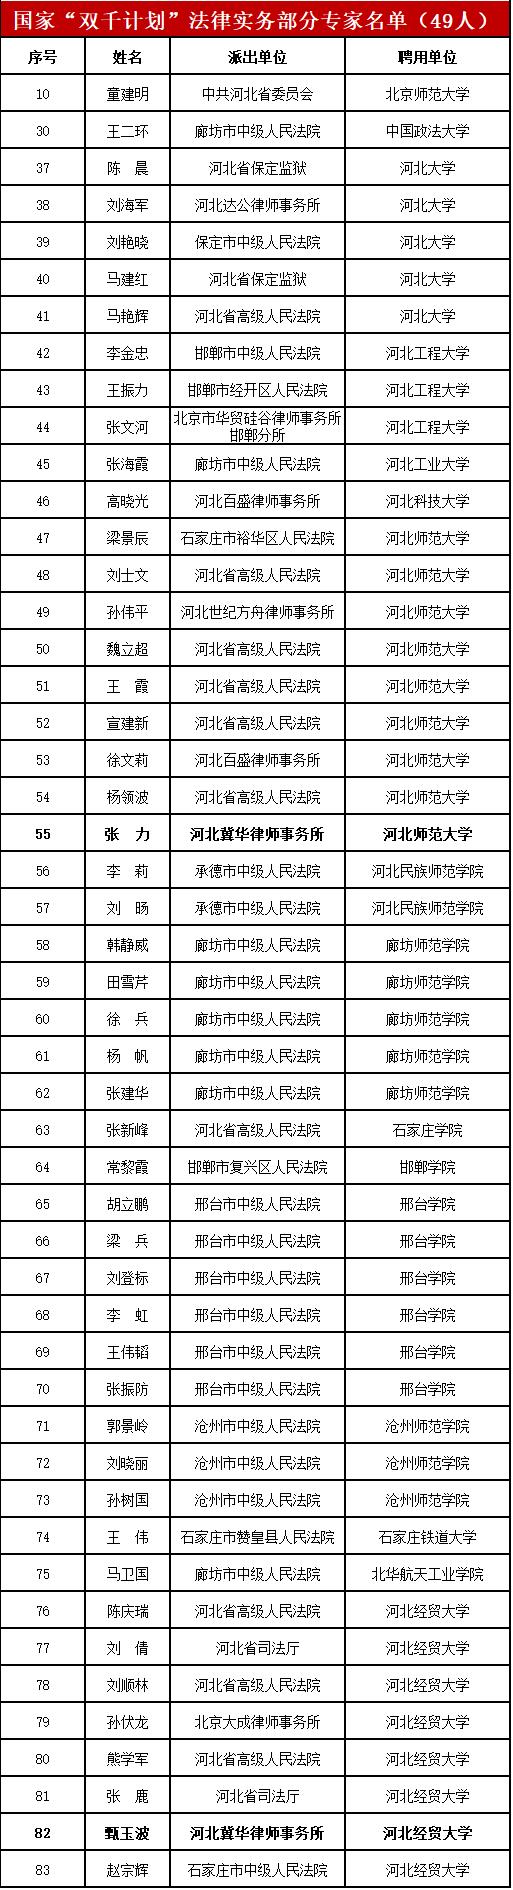 """冀华两律师入选国家""""双千计划""""!中央政法委、教育部公布入选人员名单"""